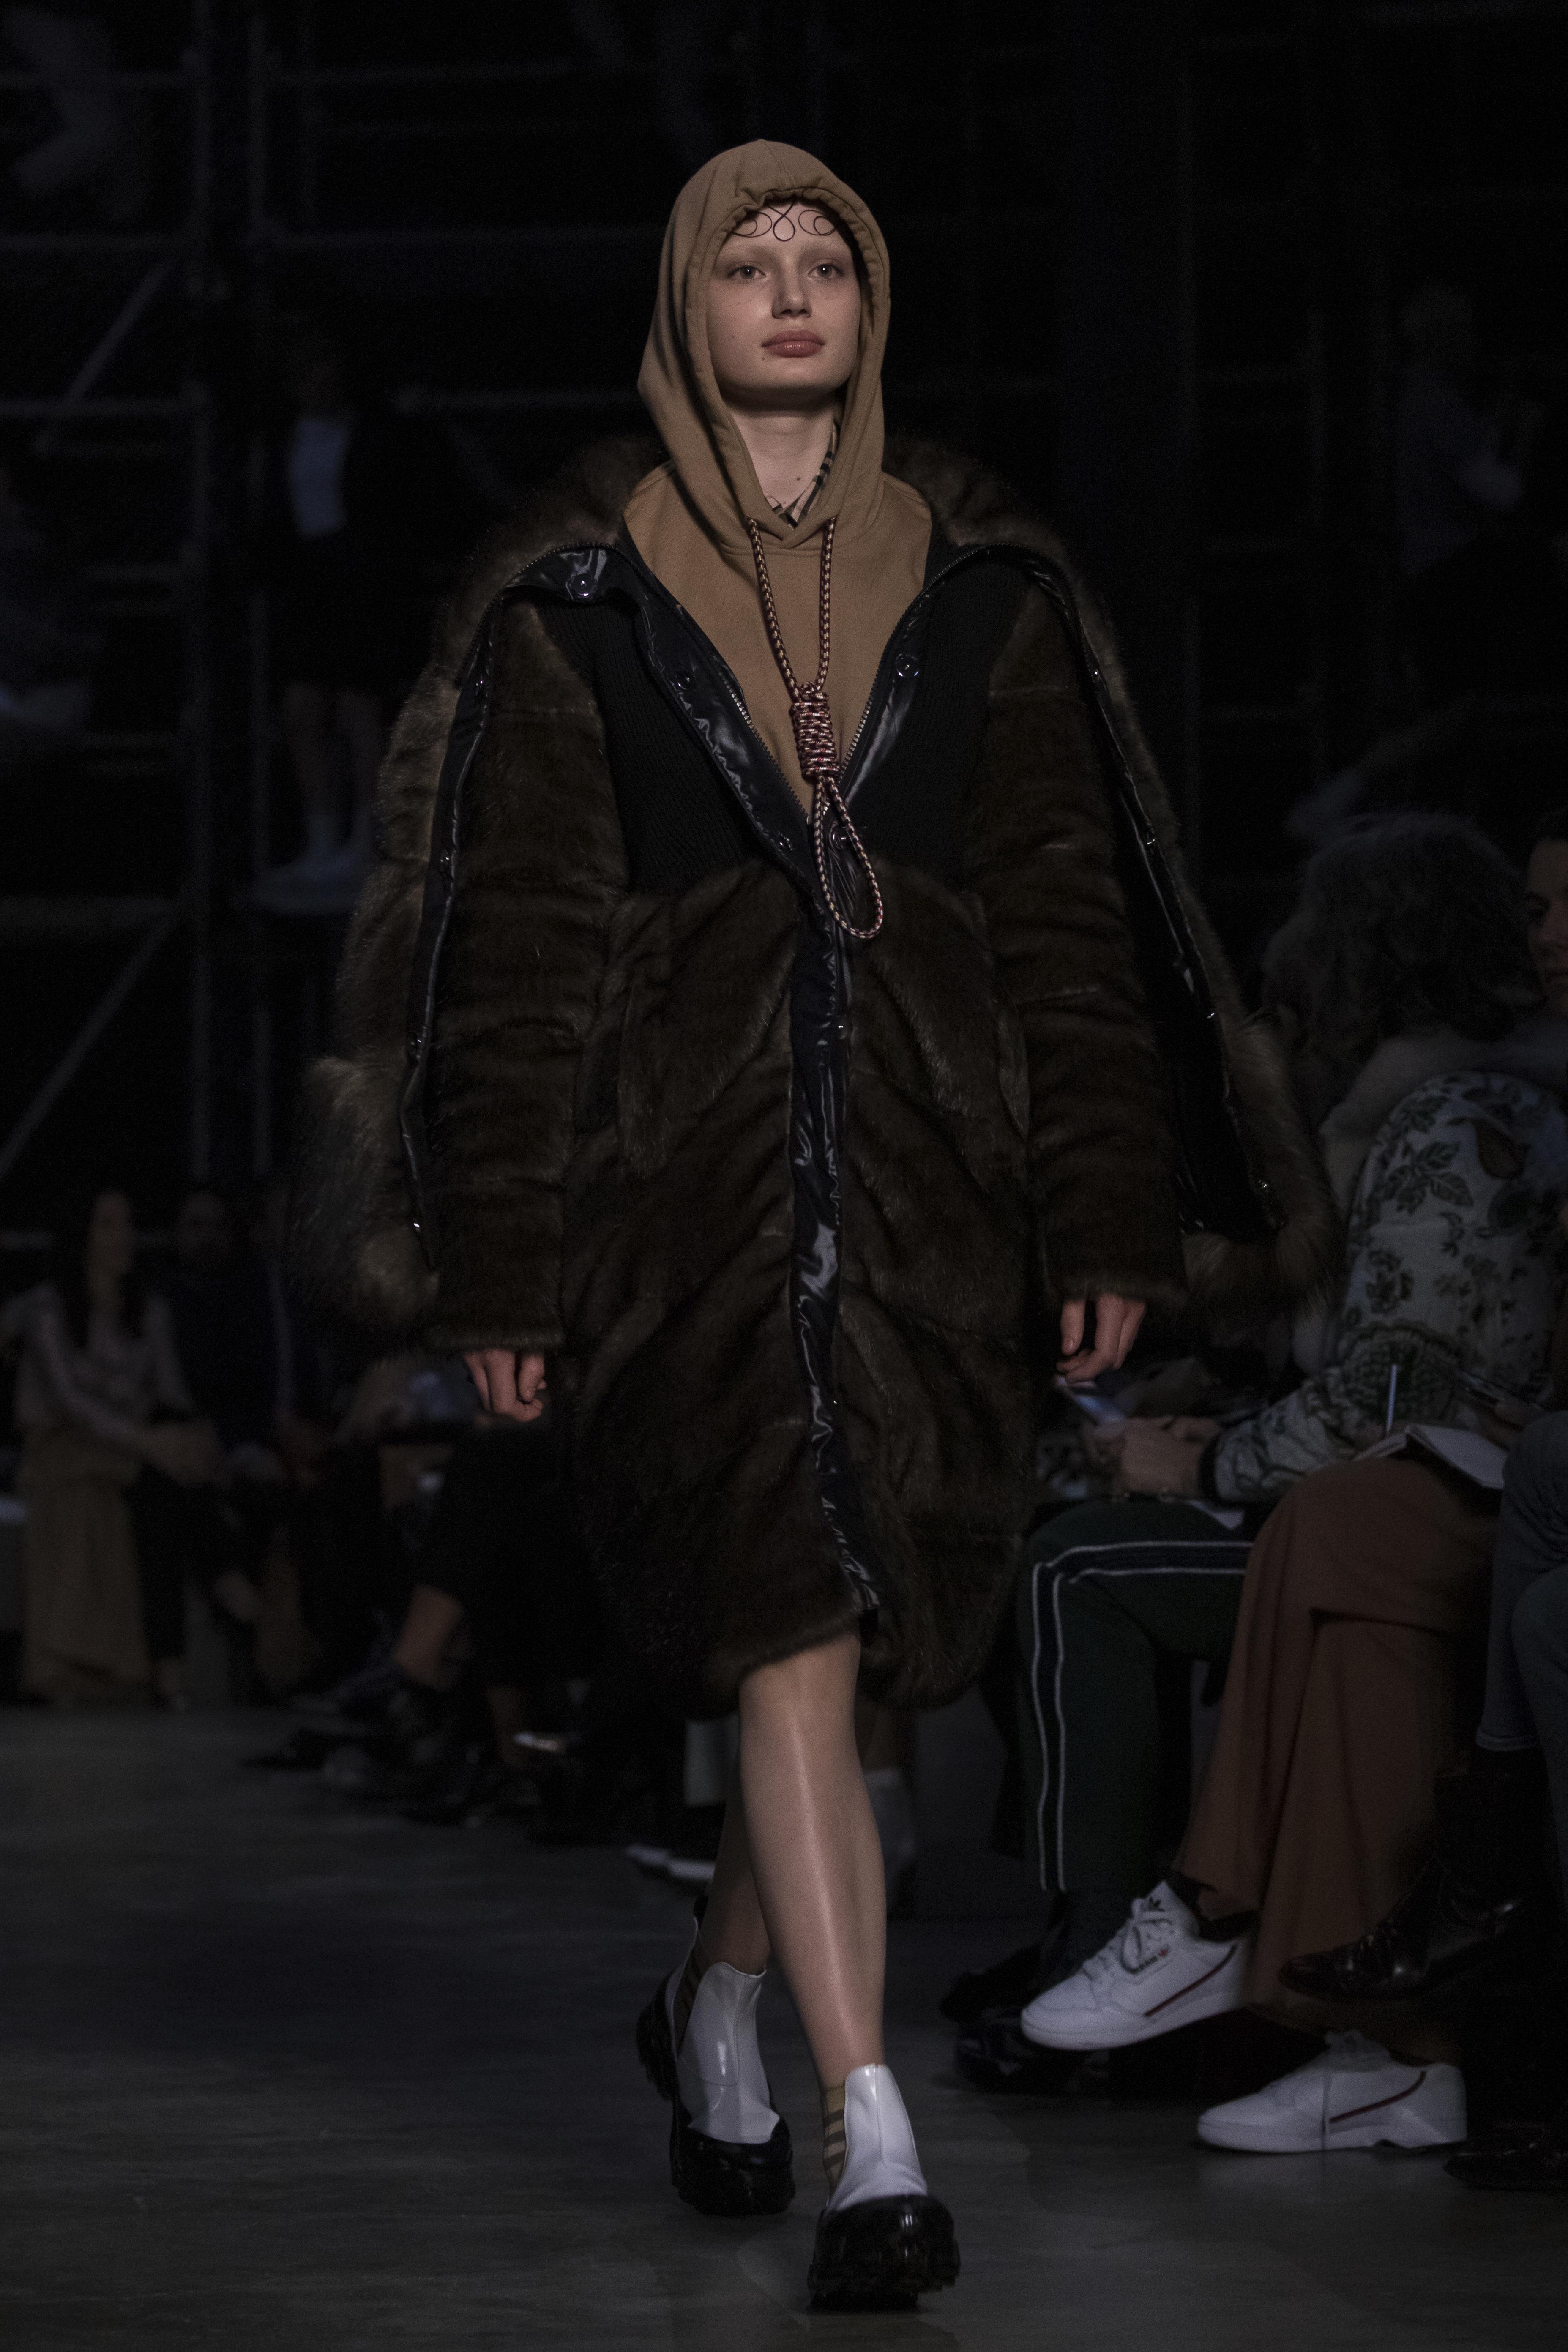 Kiakadt egy modell a londoni divatbemutatón, mert egy hurkot raktak a nyakába, mintha akasztanák